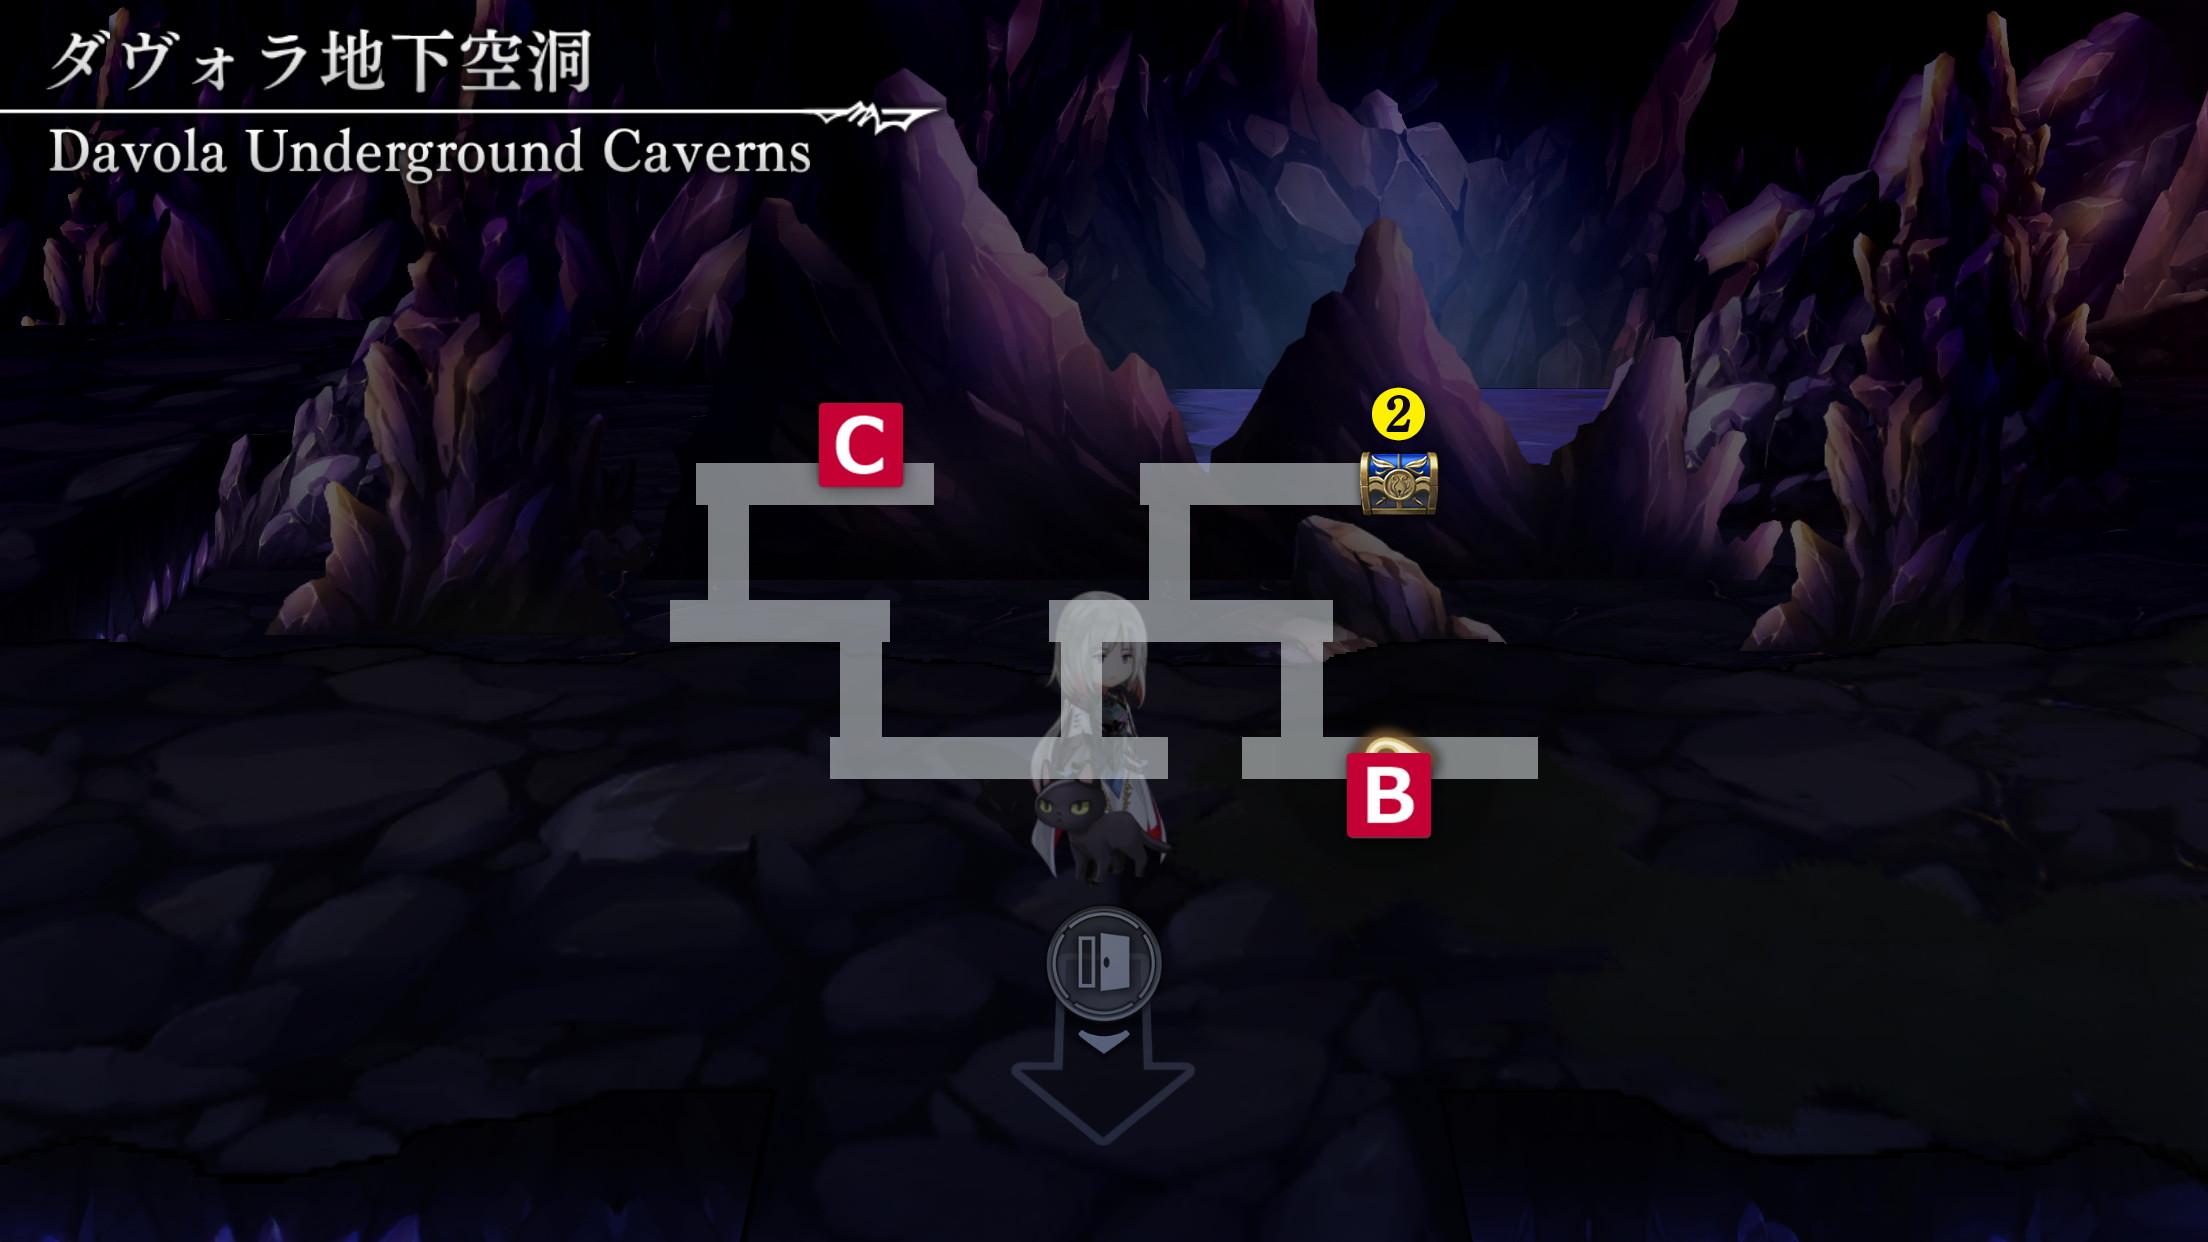 ダヴォラ地下空洞マップ3